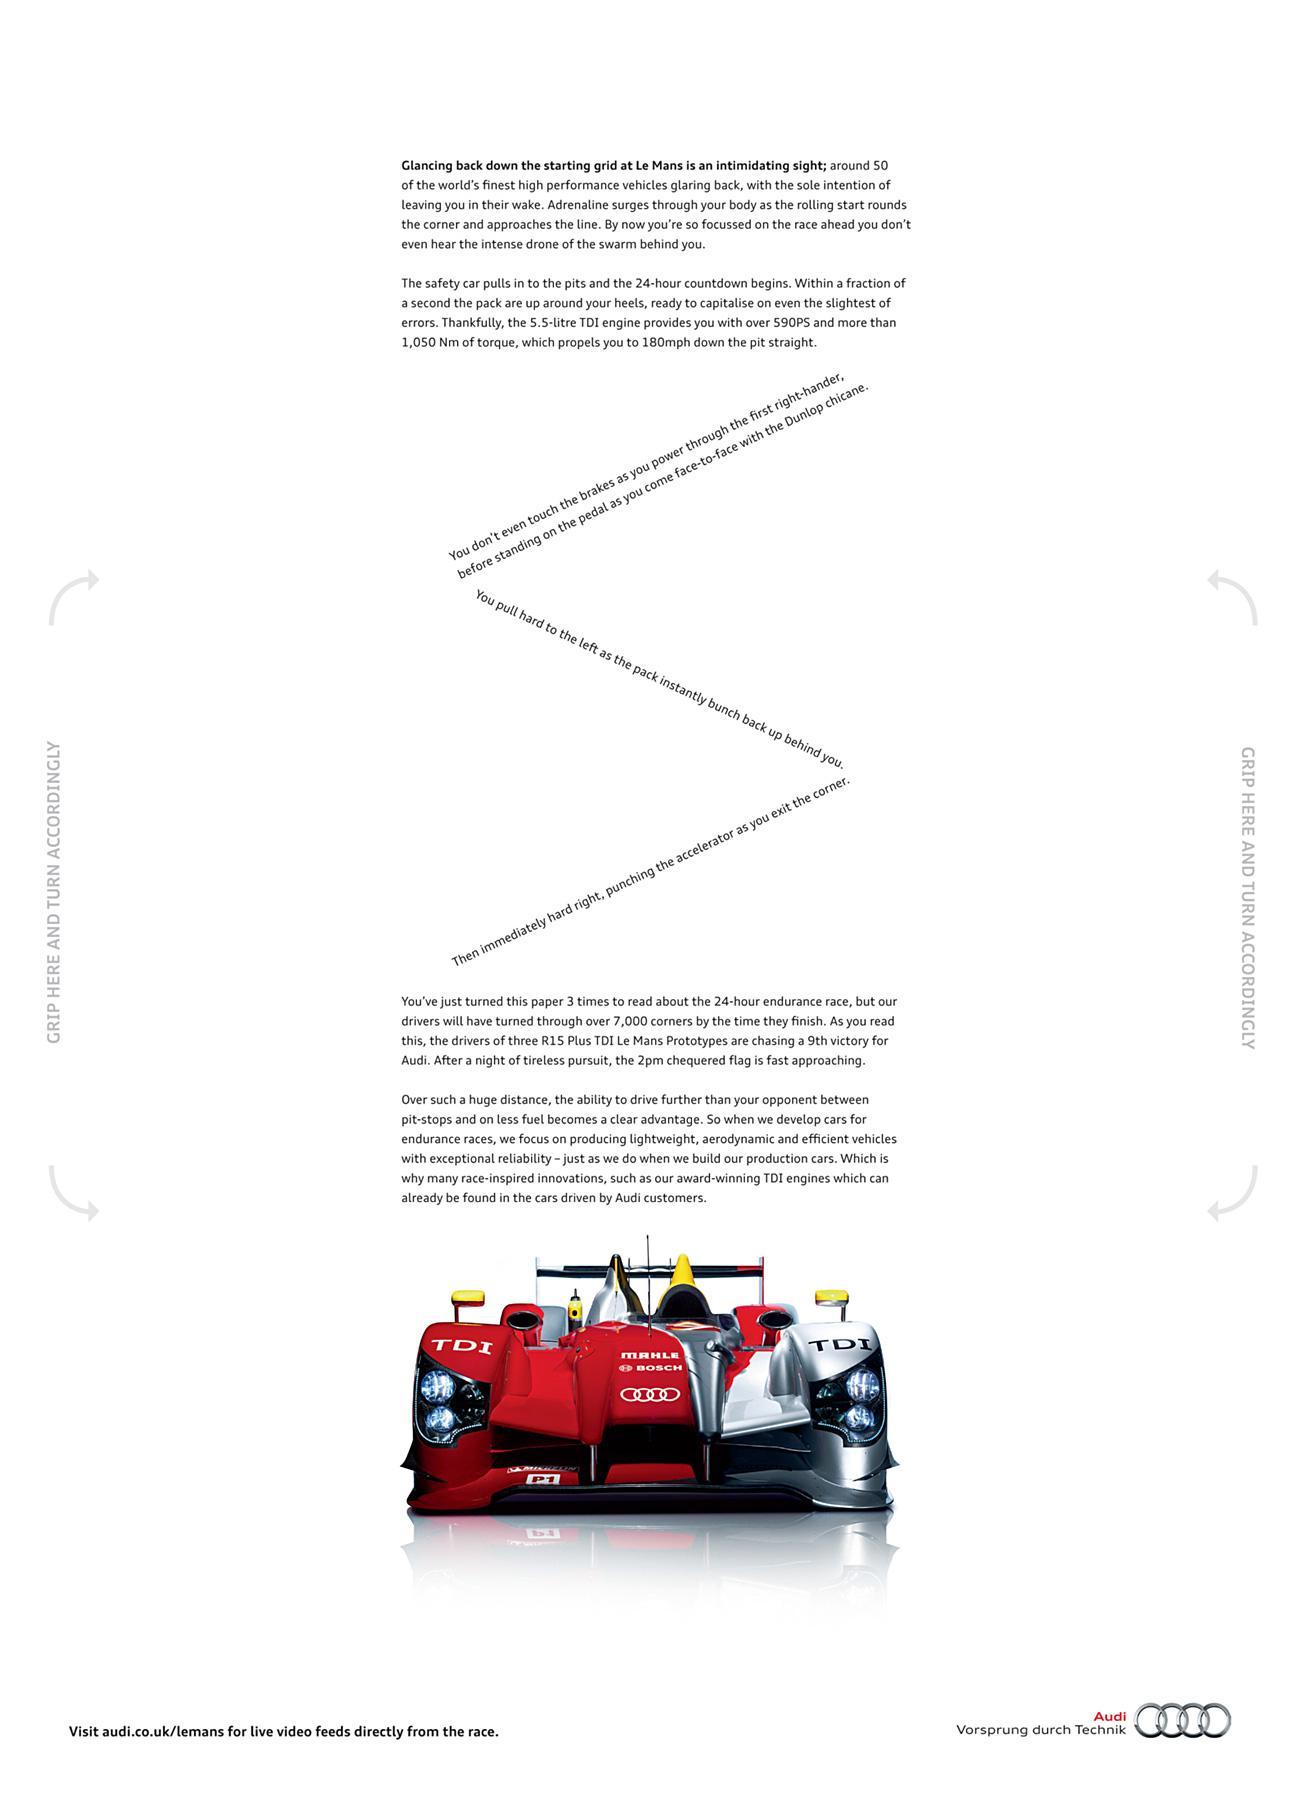 Audi Print Ad -  Le Mans